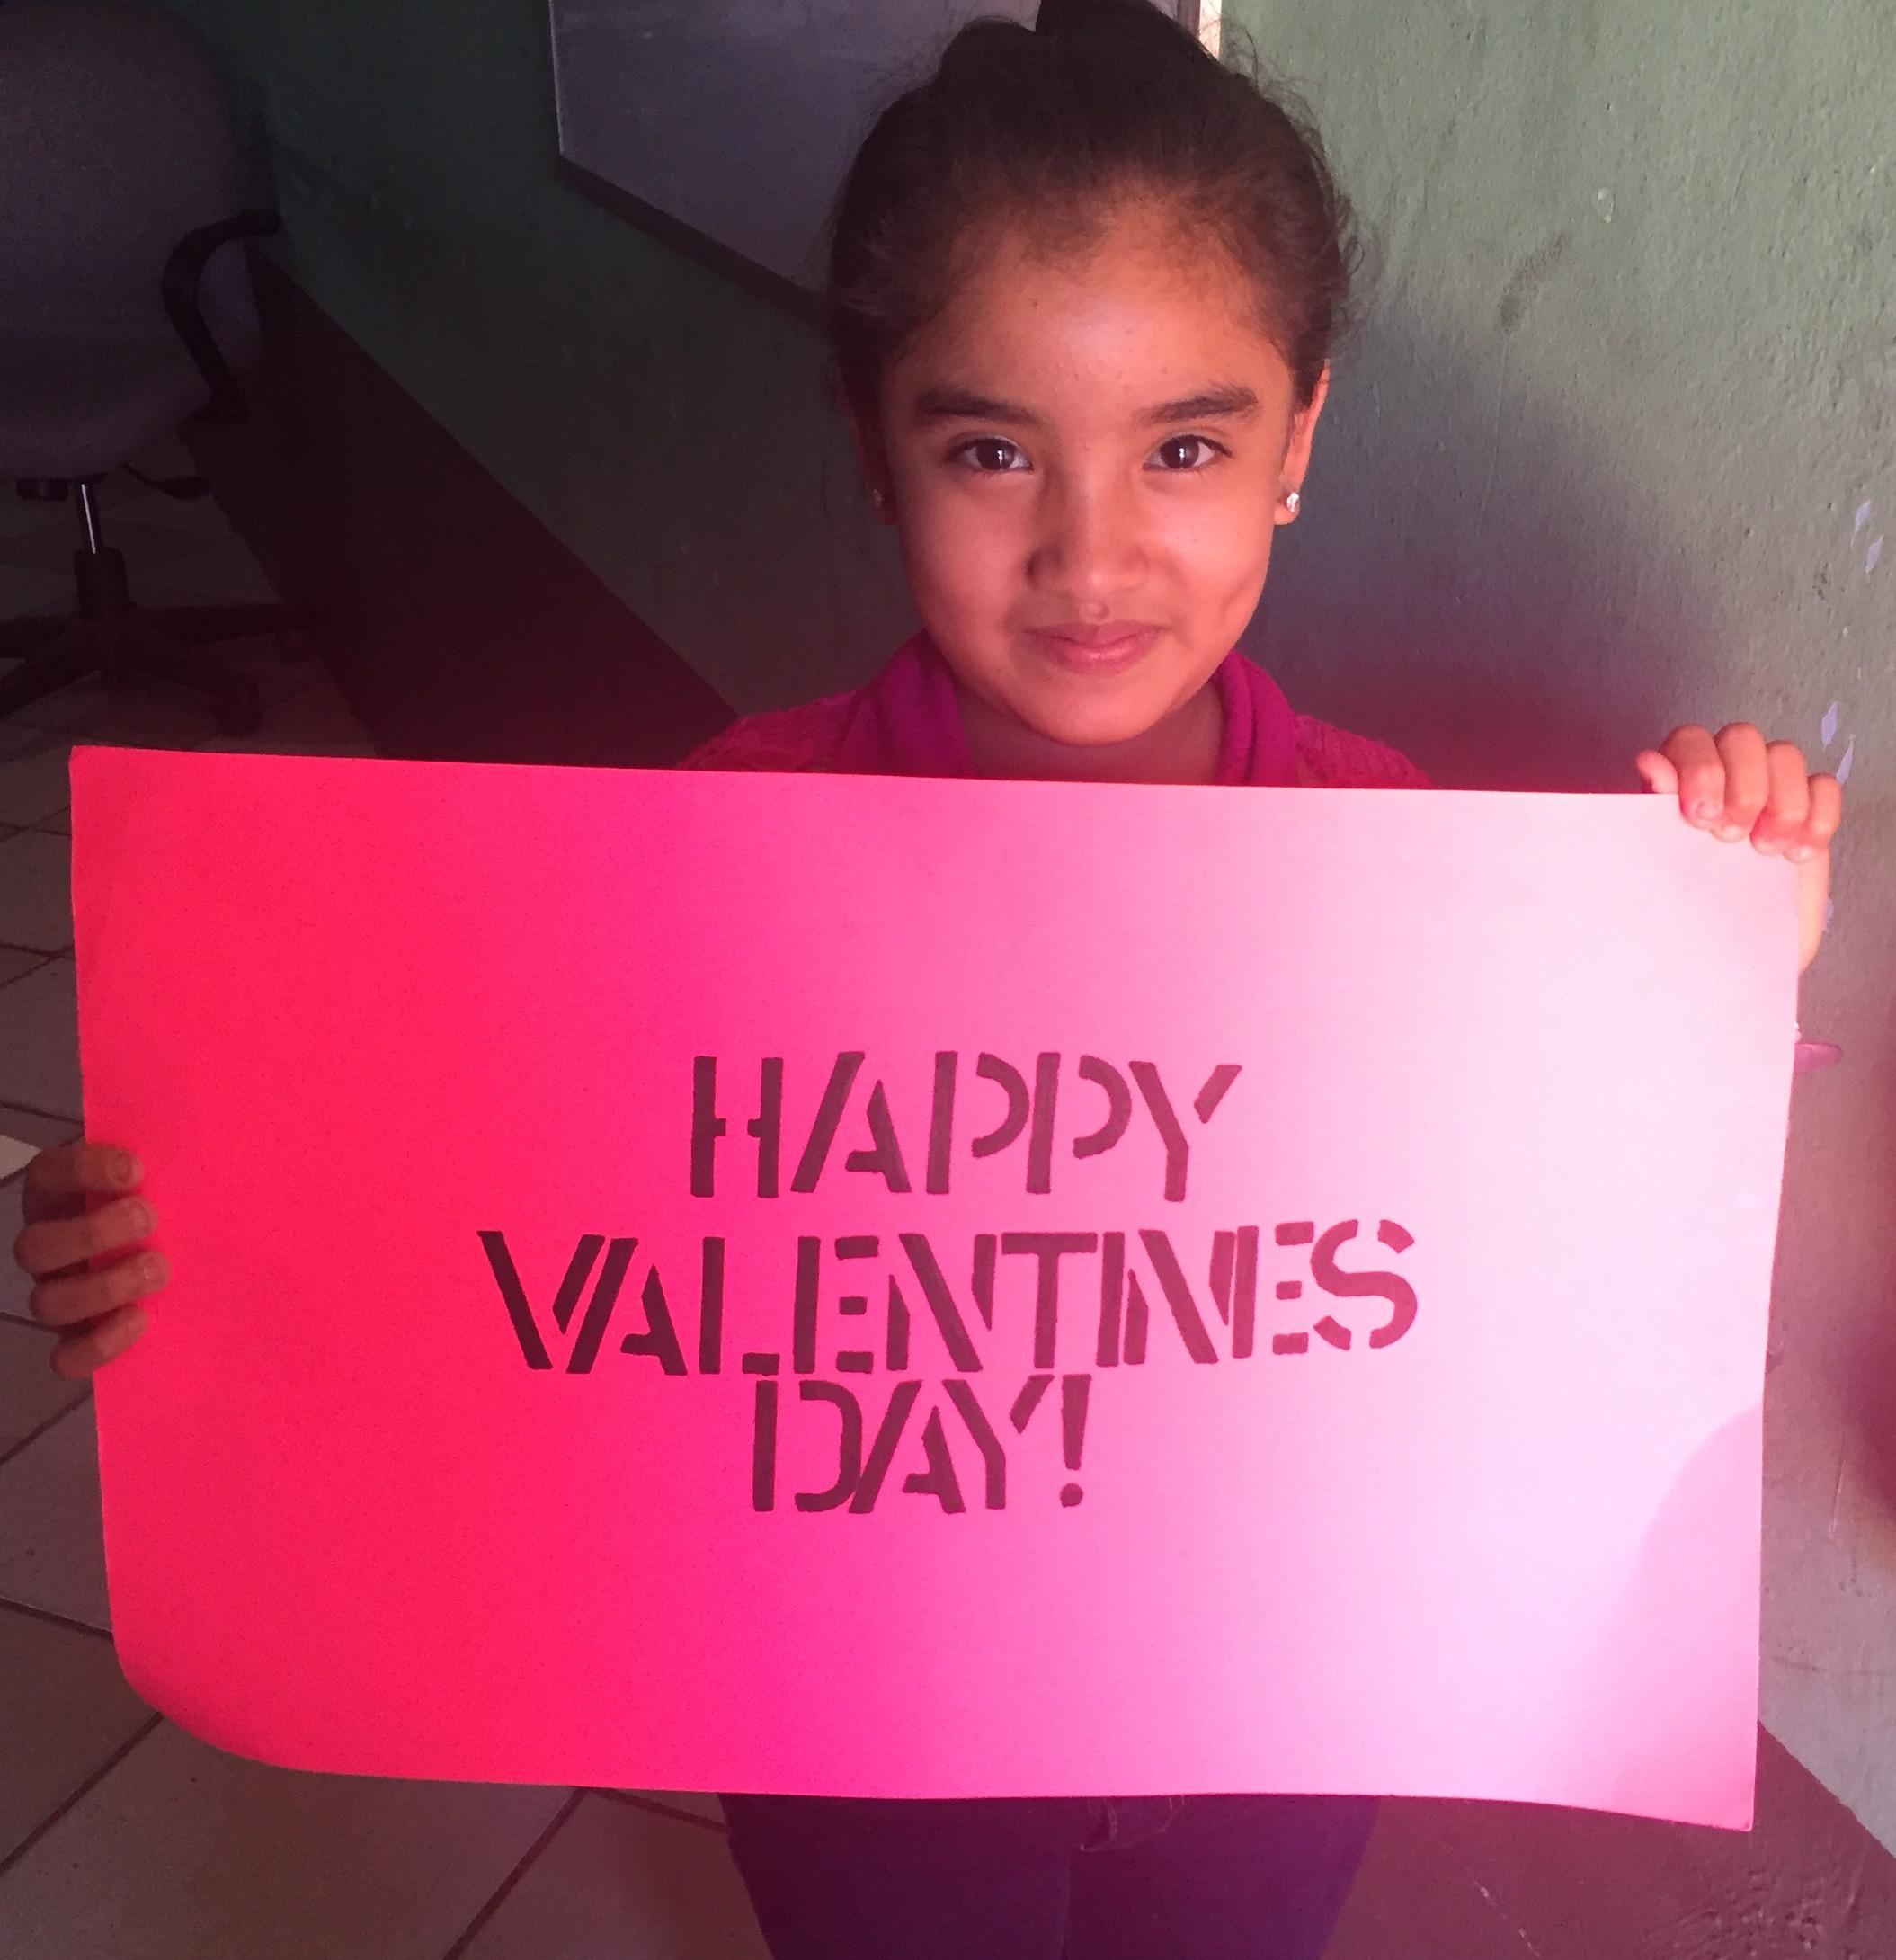 Gleysi Valentines 2017